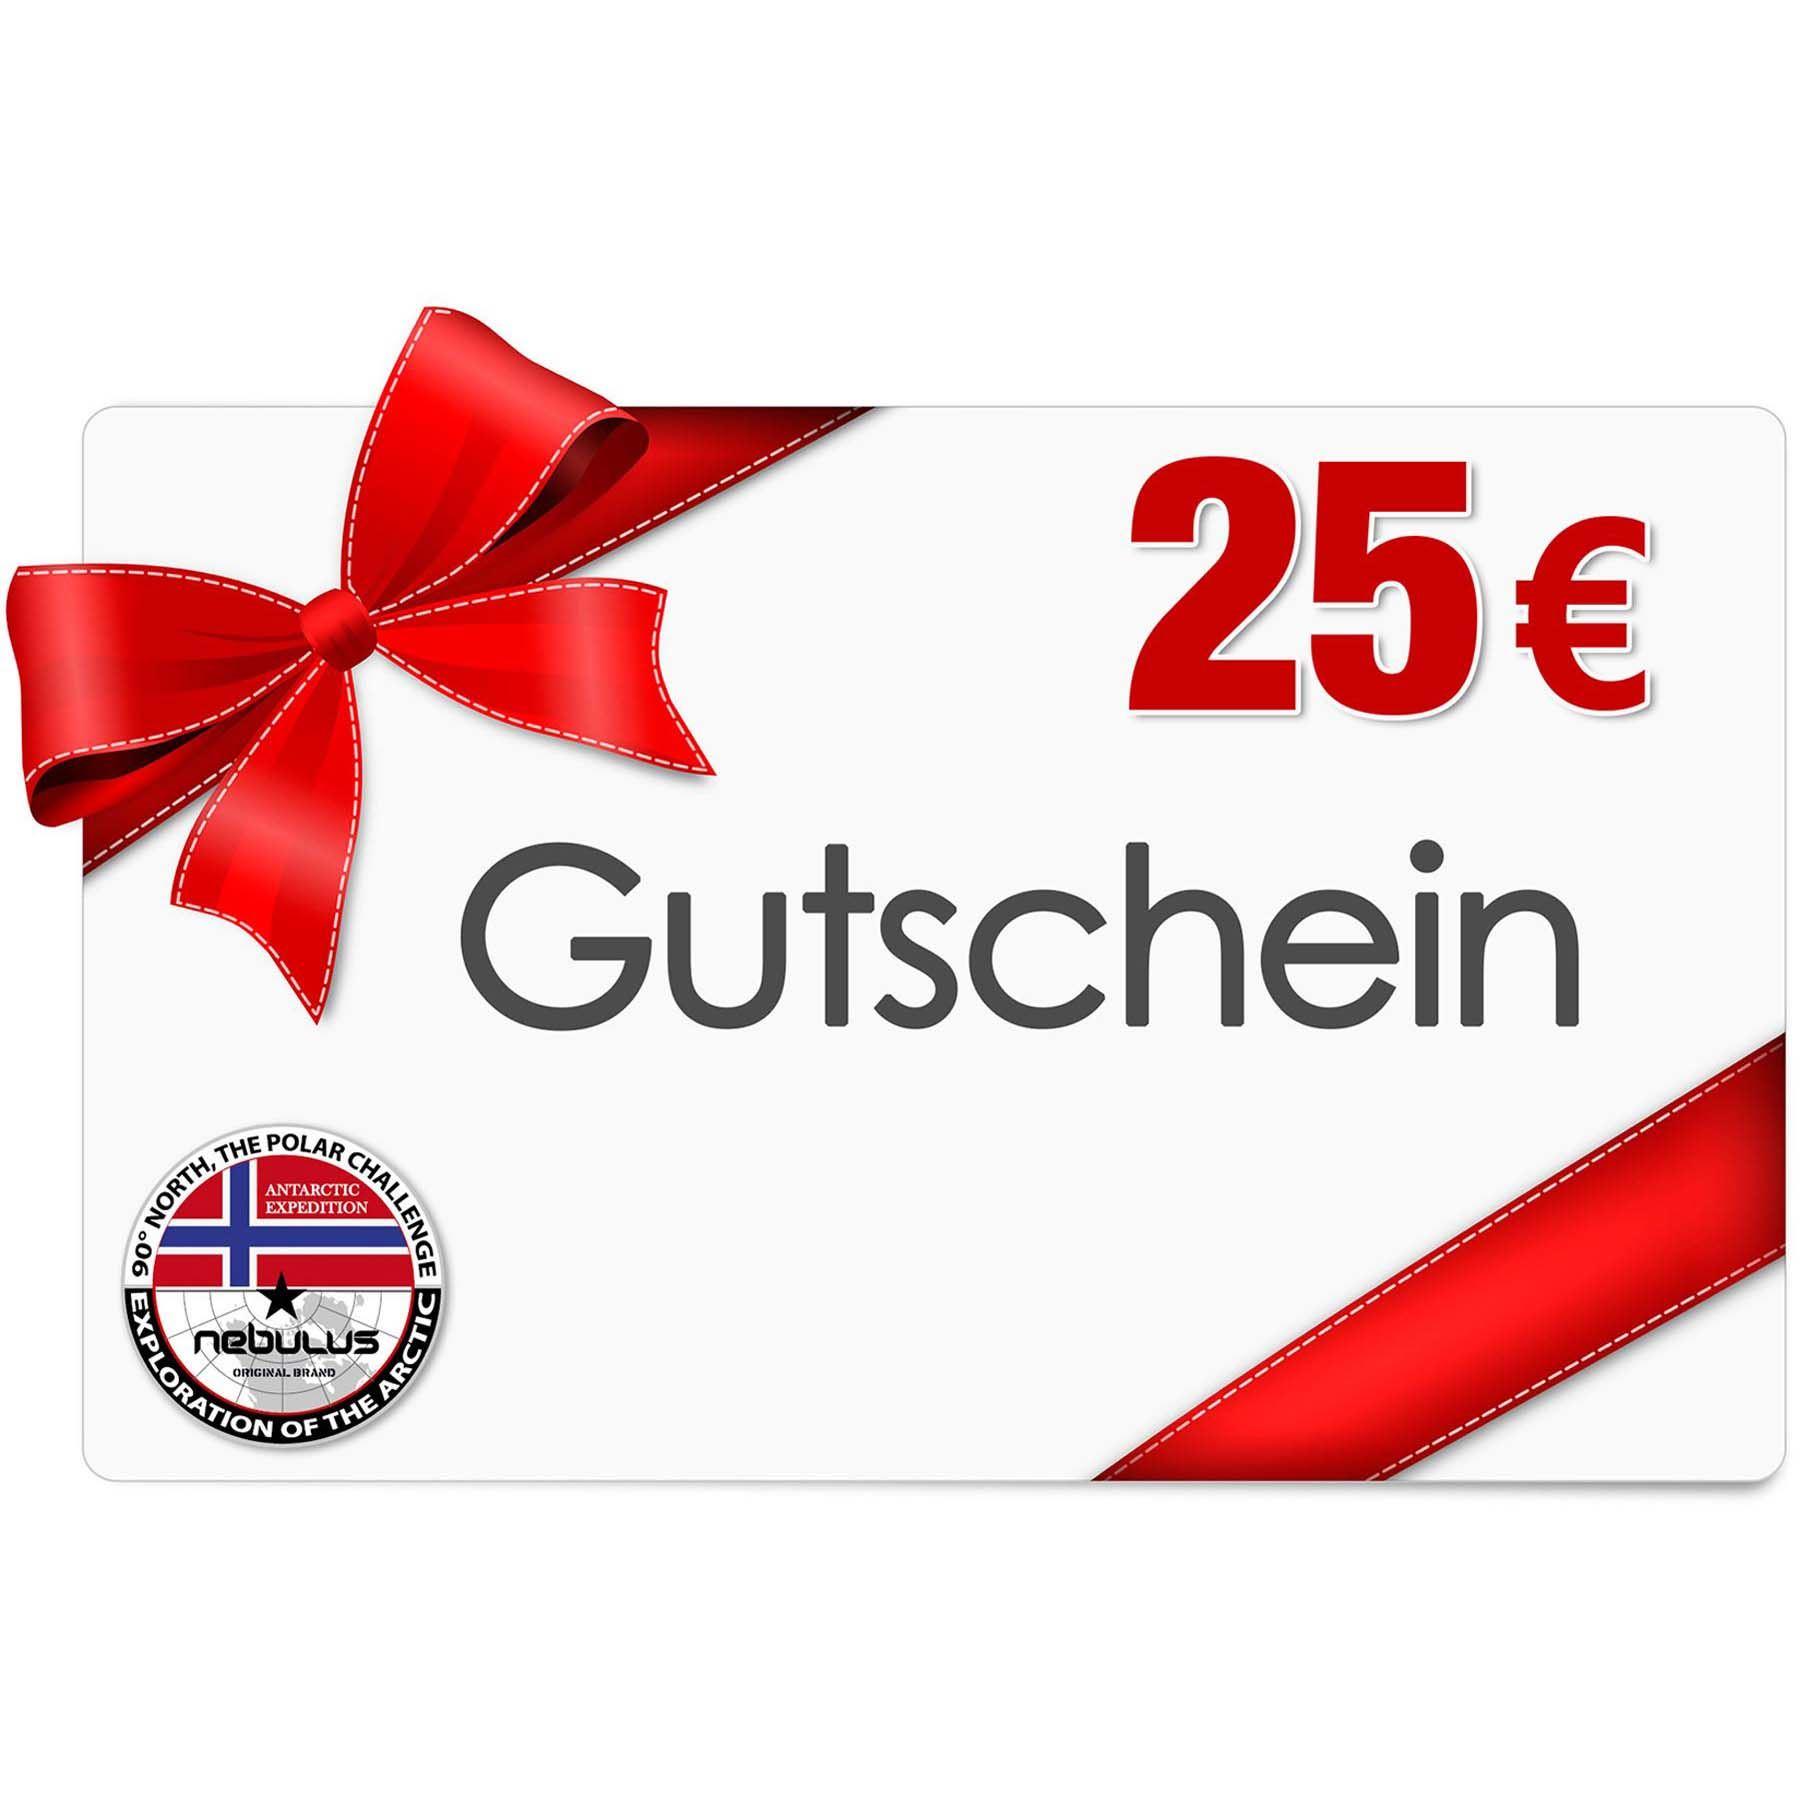 Gutschein_25.jpg